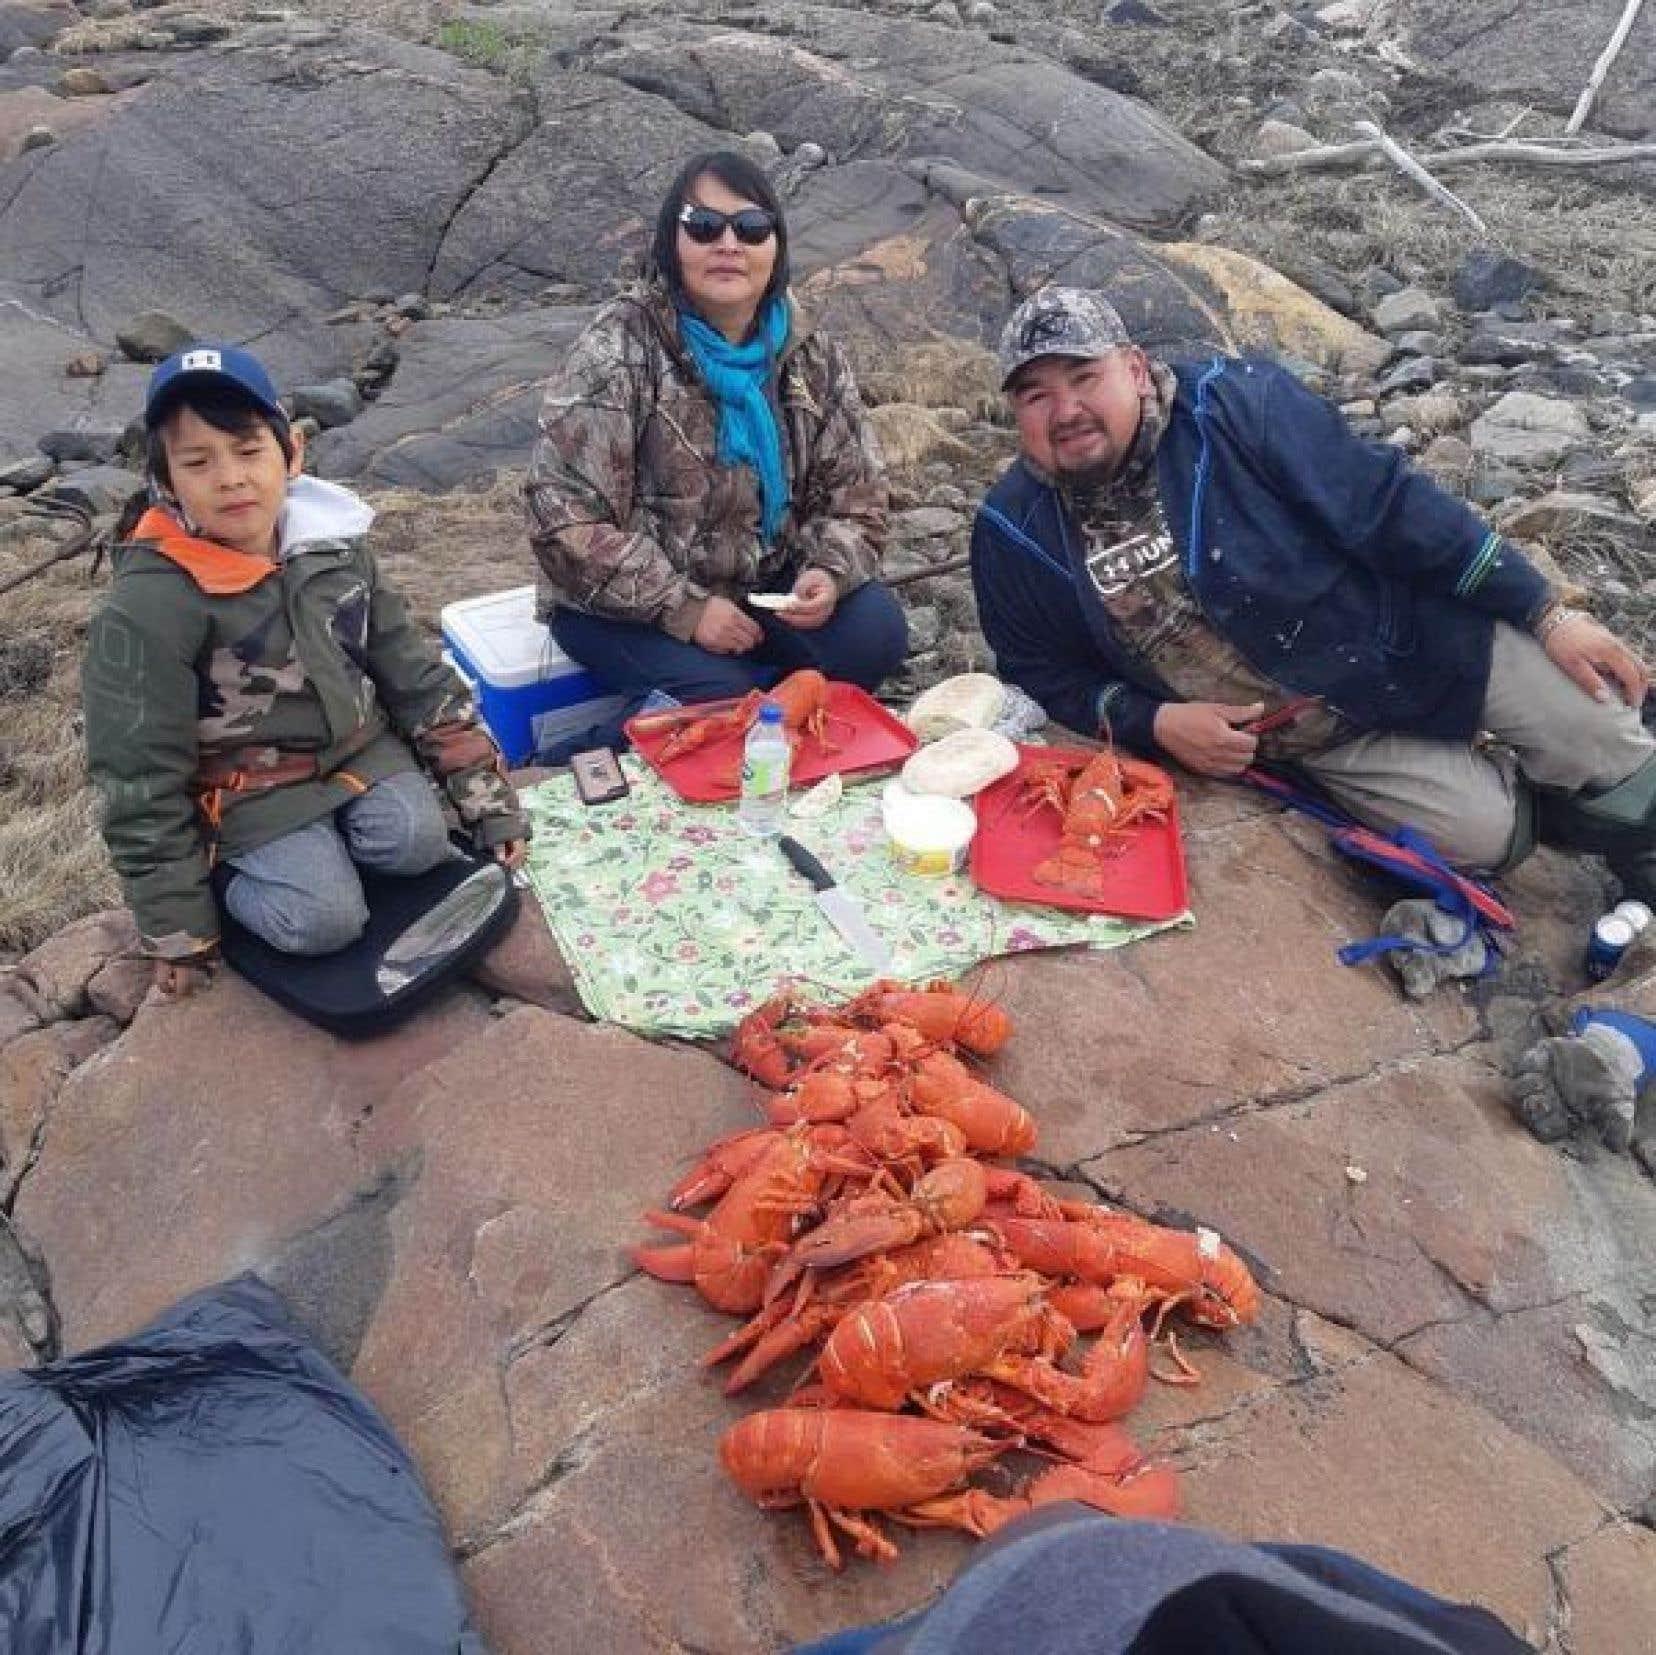 Festin de homards, issus d'une récolte sélective et raisonnable, avec la famille Lalo de Natashquan